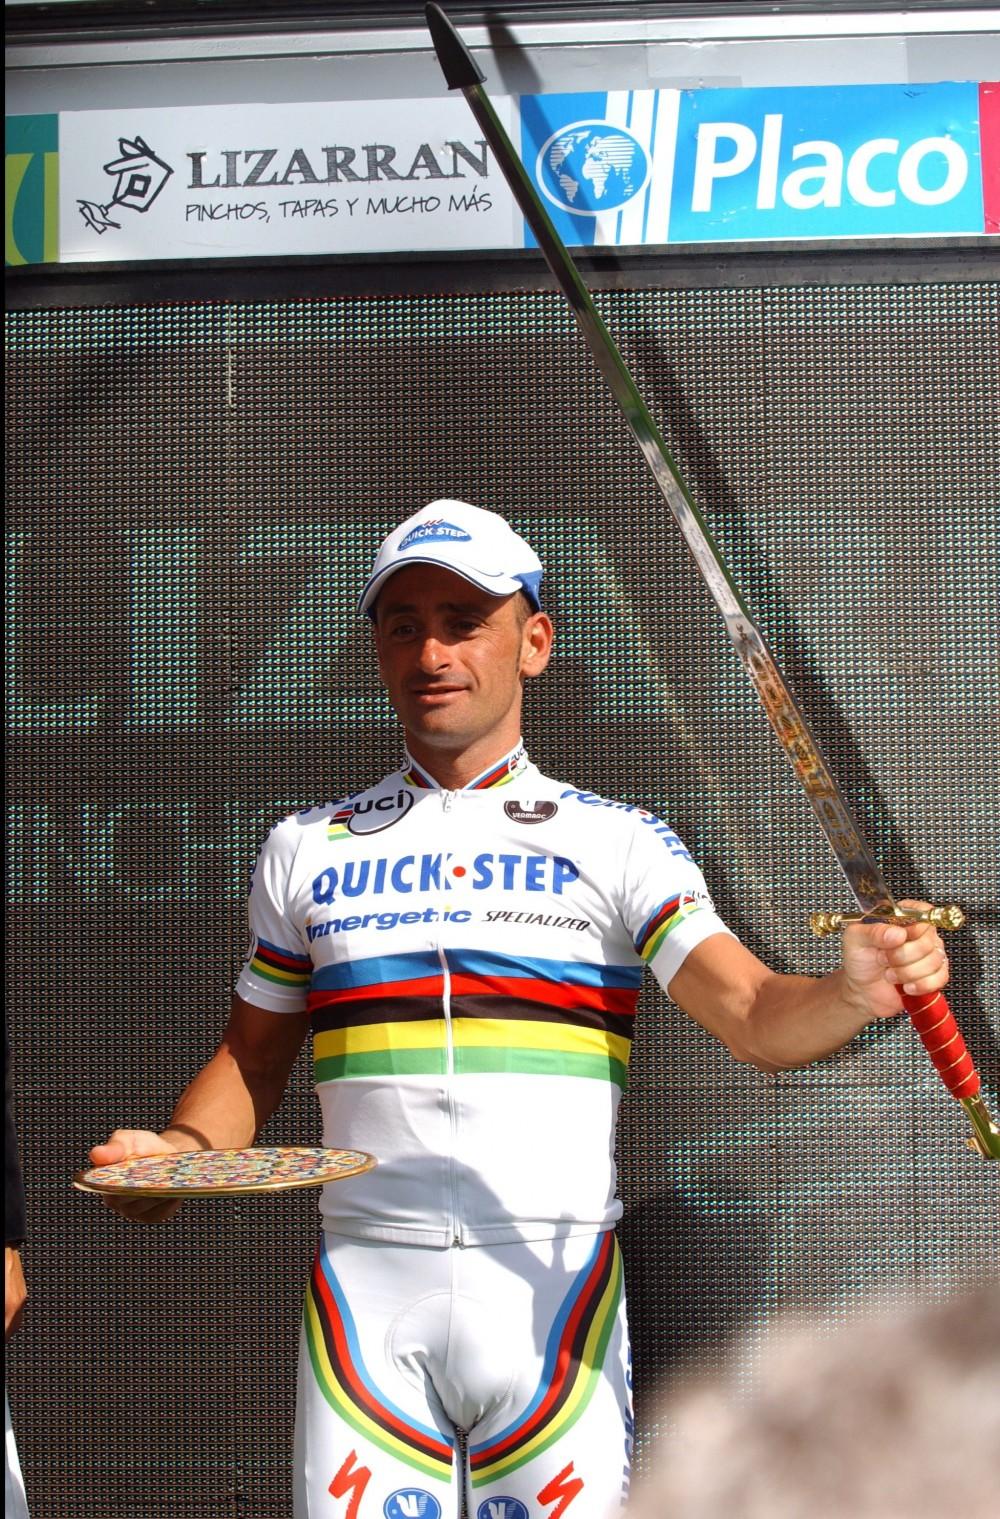 Prix étranges du cyclisme